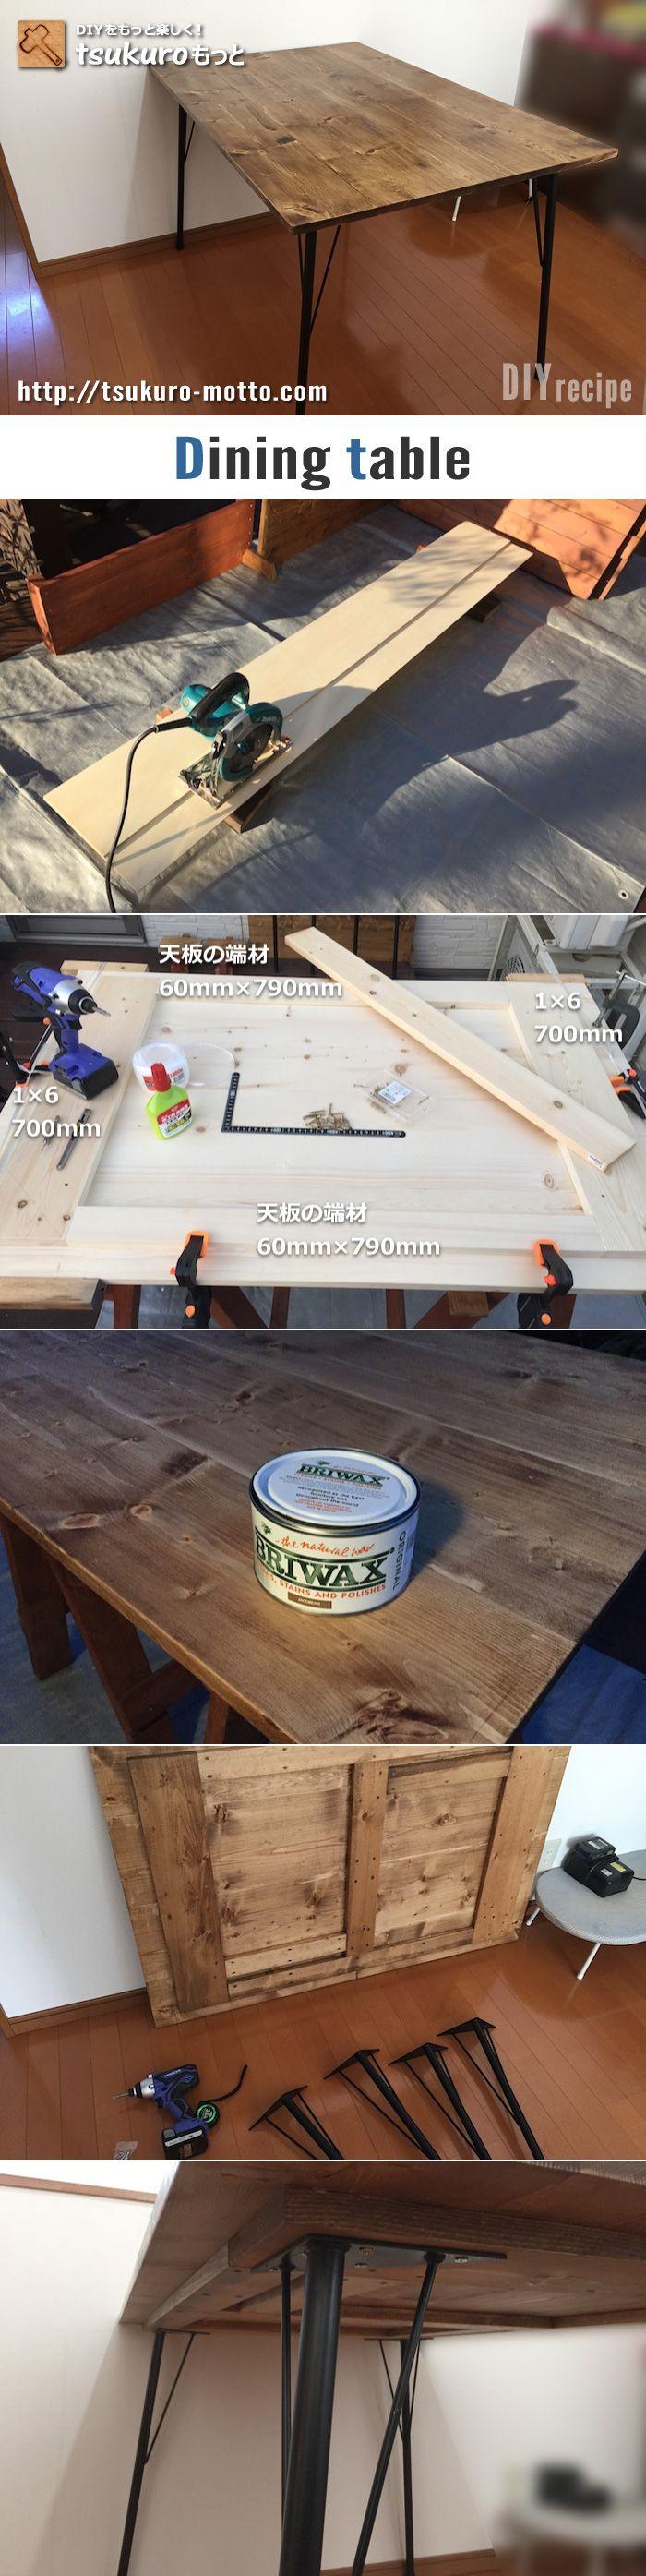 インダストリアルテイストに合う鉄脚ダイニングテーブルをご紹介します。天板はSPF材を使用し、ダボ接合で1枚板に仕上げました。塗装はワトコオイルとブライワックスのダブル使いで深みを出しました。#DIY #日曜大工 #自作 #家具 #ダイニングテーブル